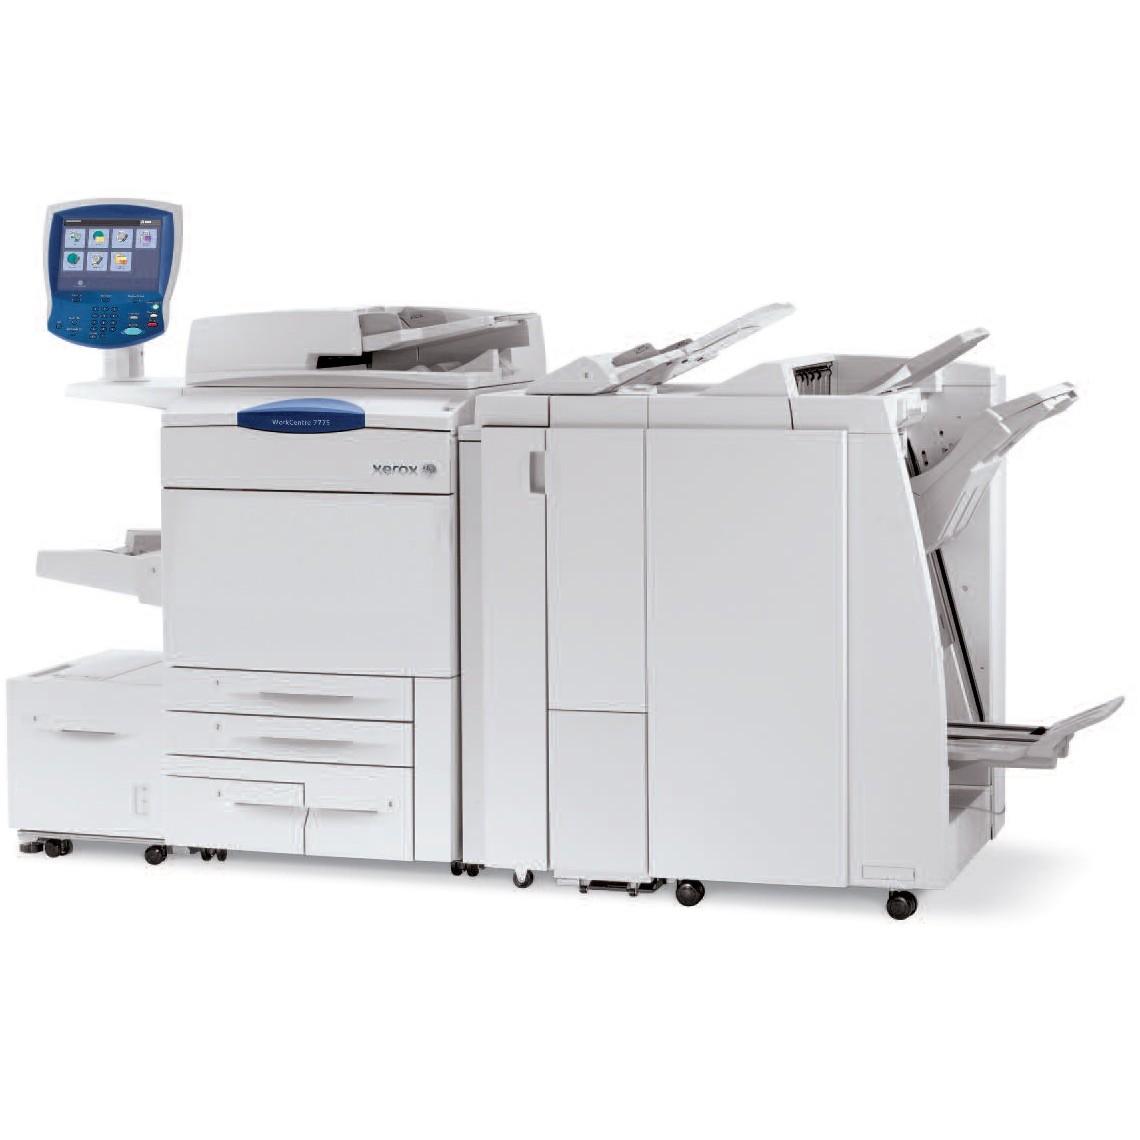 DataMaster : La nouvelle série WC 7700 de Xerox !